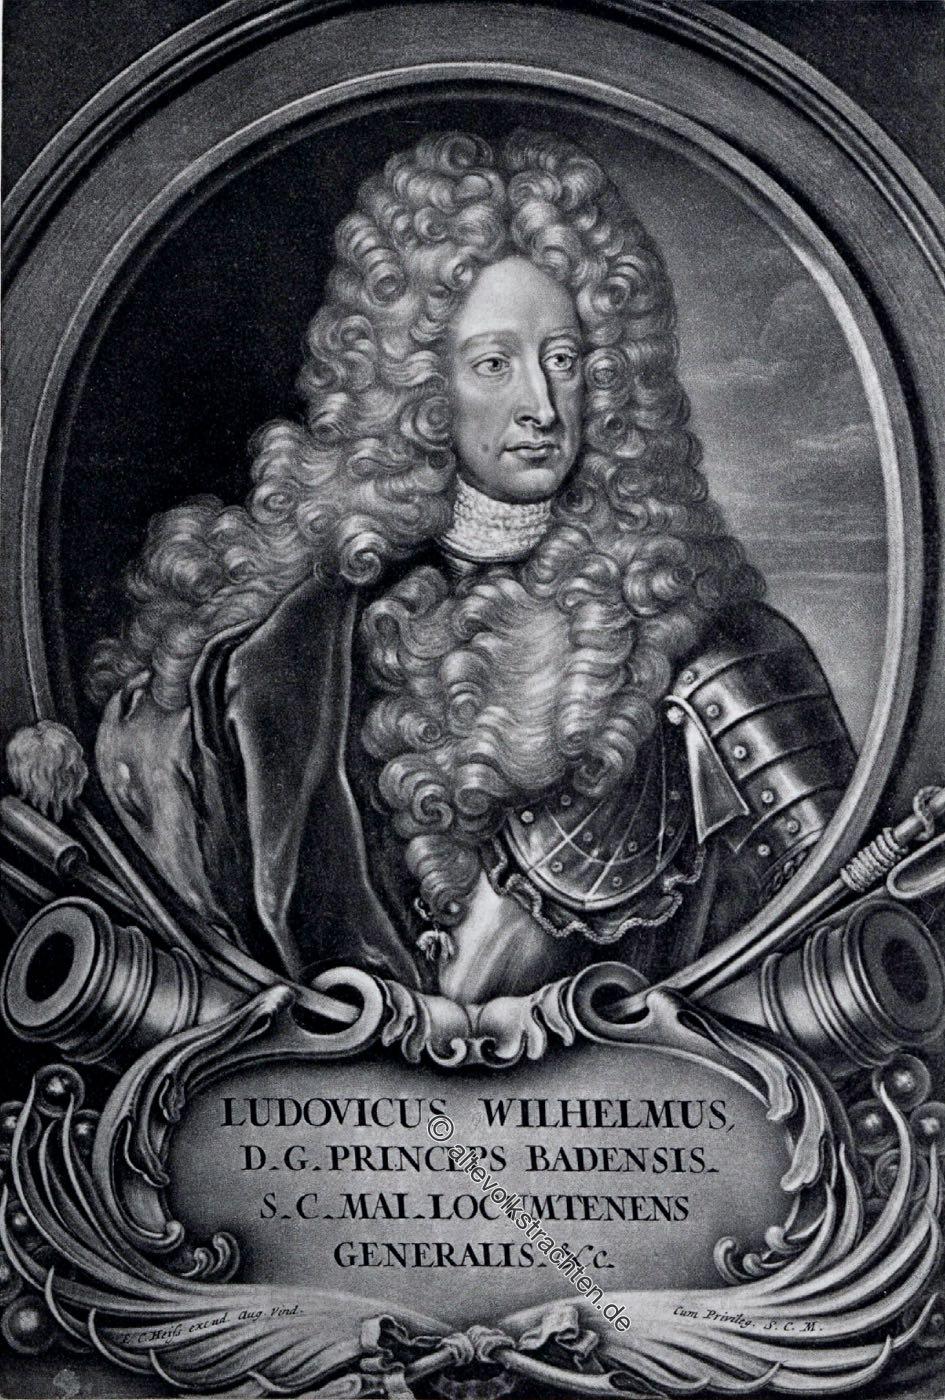 Ludwig Wilhelm, Markgraf von Baden, Türkenlouis, Portrait, Türkenlouis, Feldherr, General, Deutschland, Barock, Dreissigjähriger Krieg